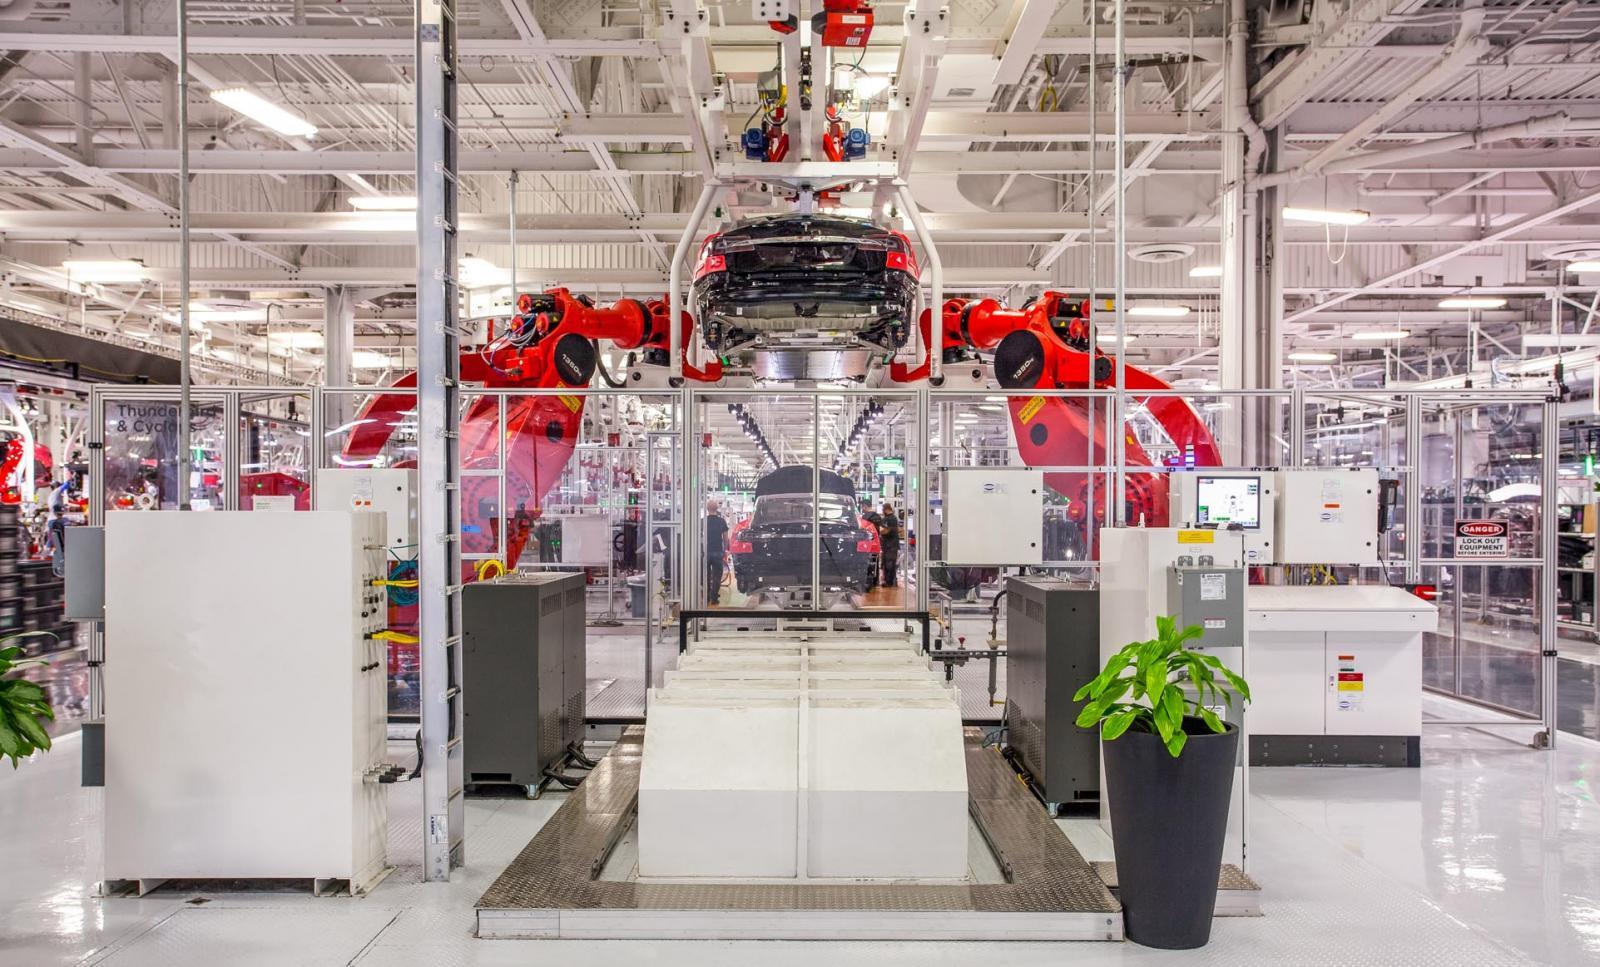 El Tesla Model 3 será de los modelos que se produzcan en el nuevo complejo